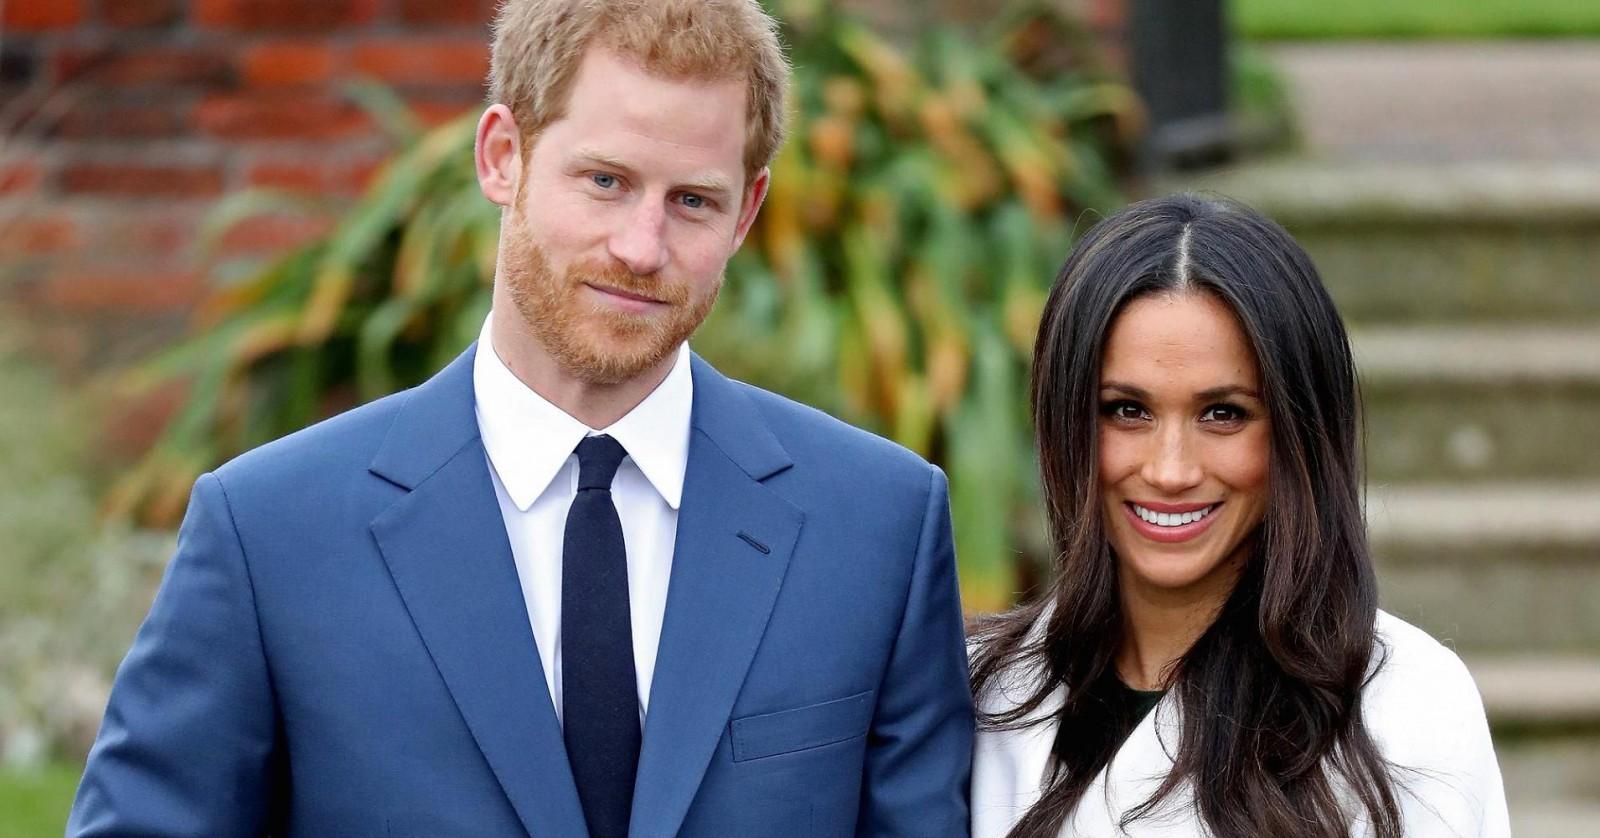 Prințul Harry și Meghan Markle nu invită politicieni la nunta lor